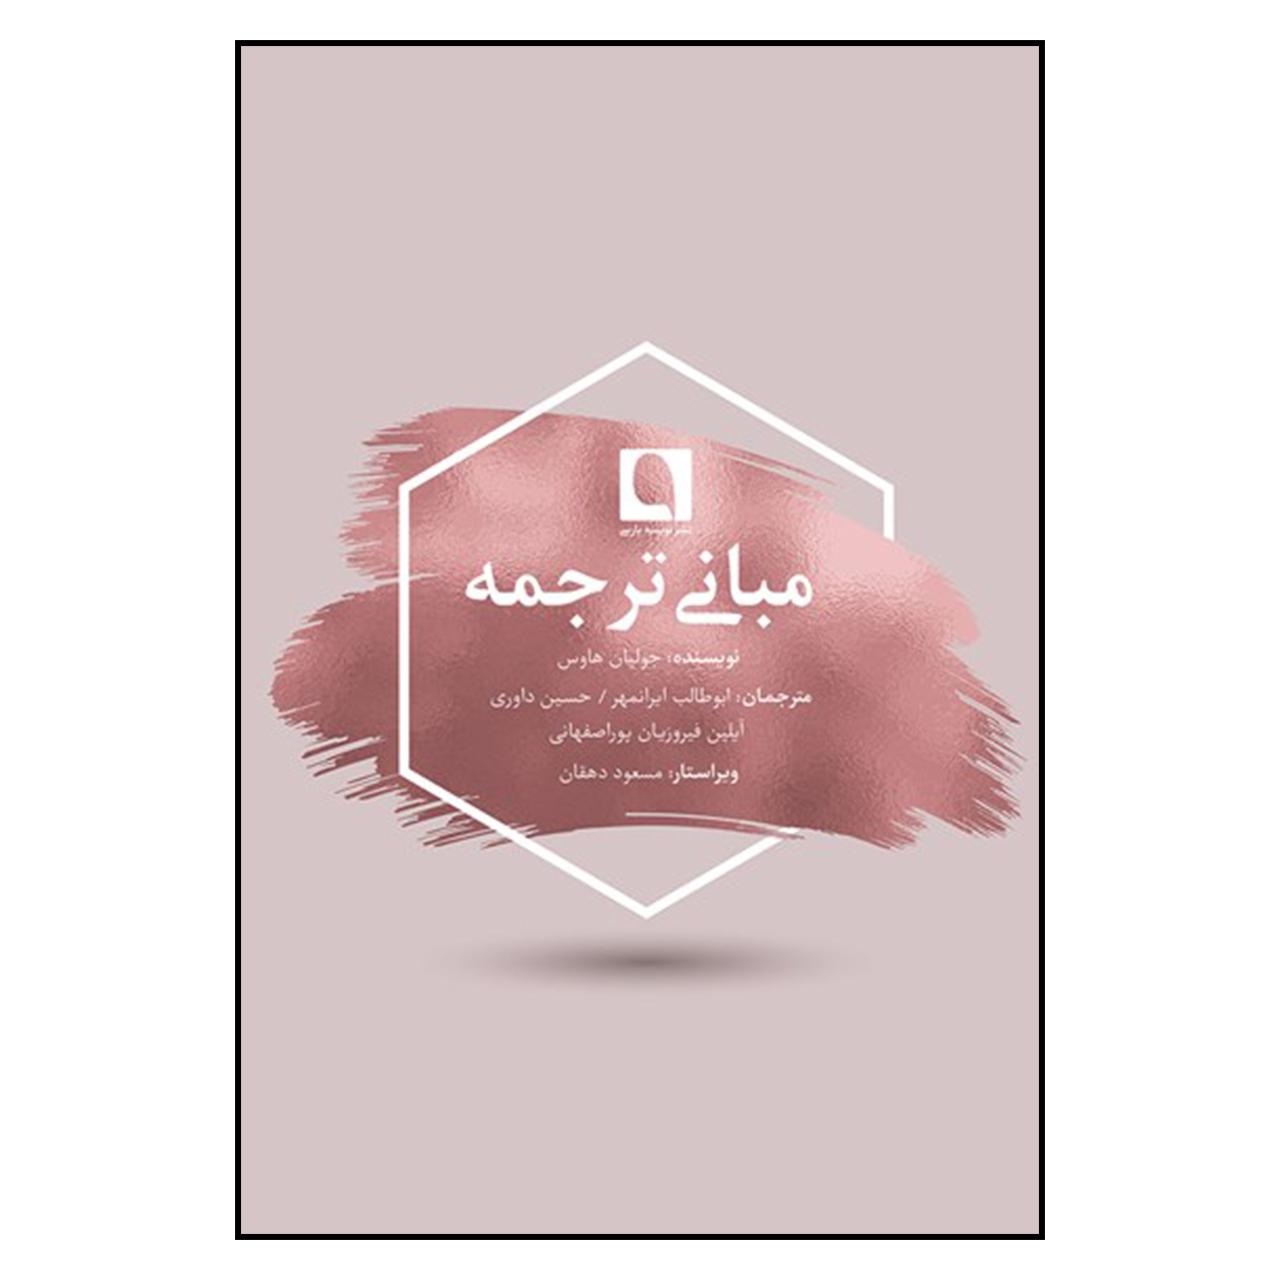 کتاب مبانی ترجمه اثر جولیان هاوس انتشارات نویسه پارسی